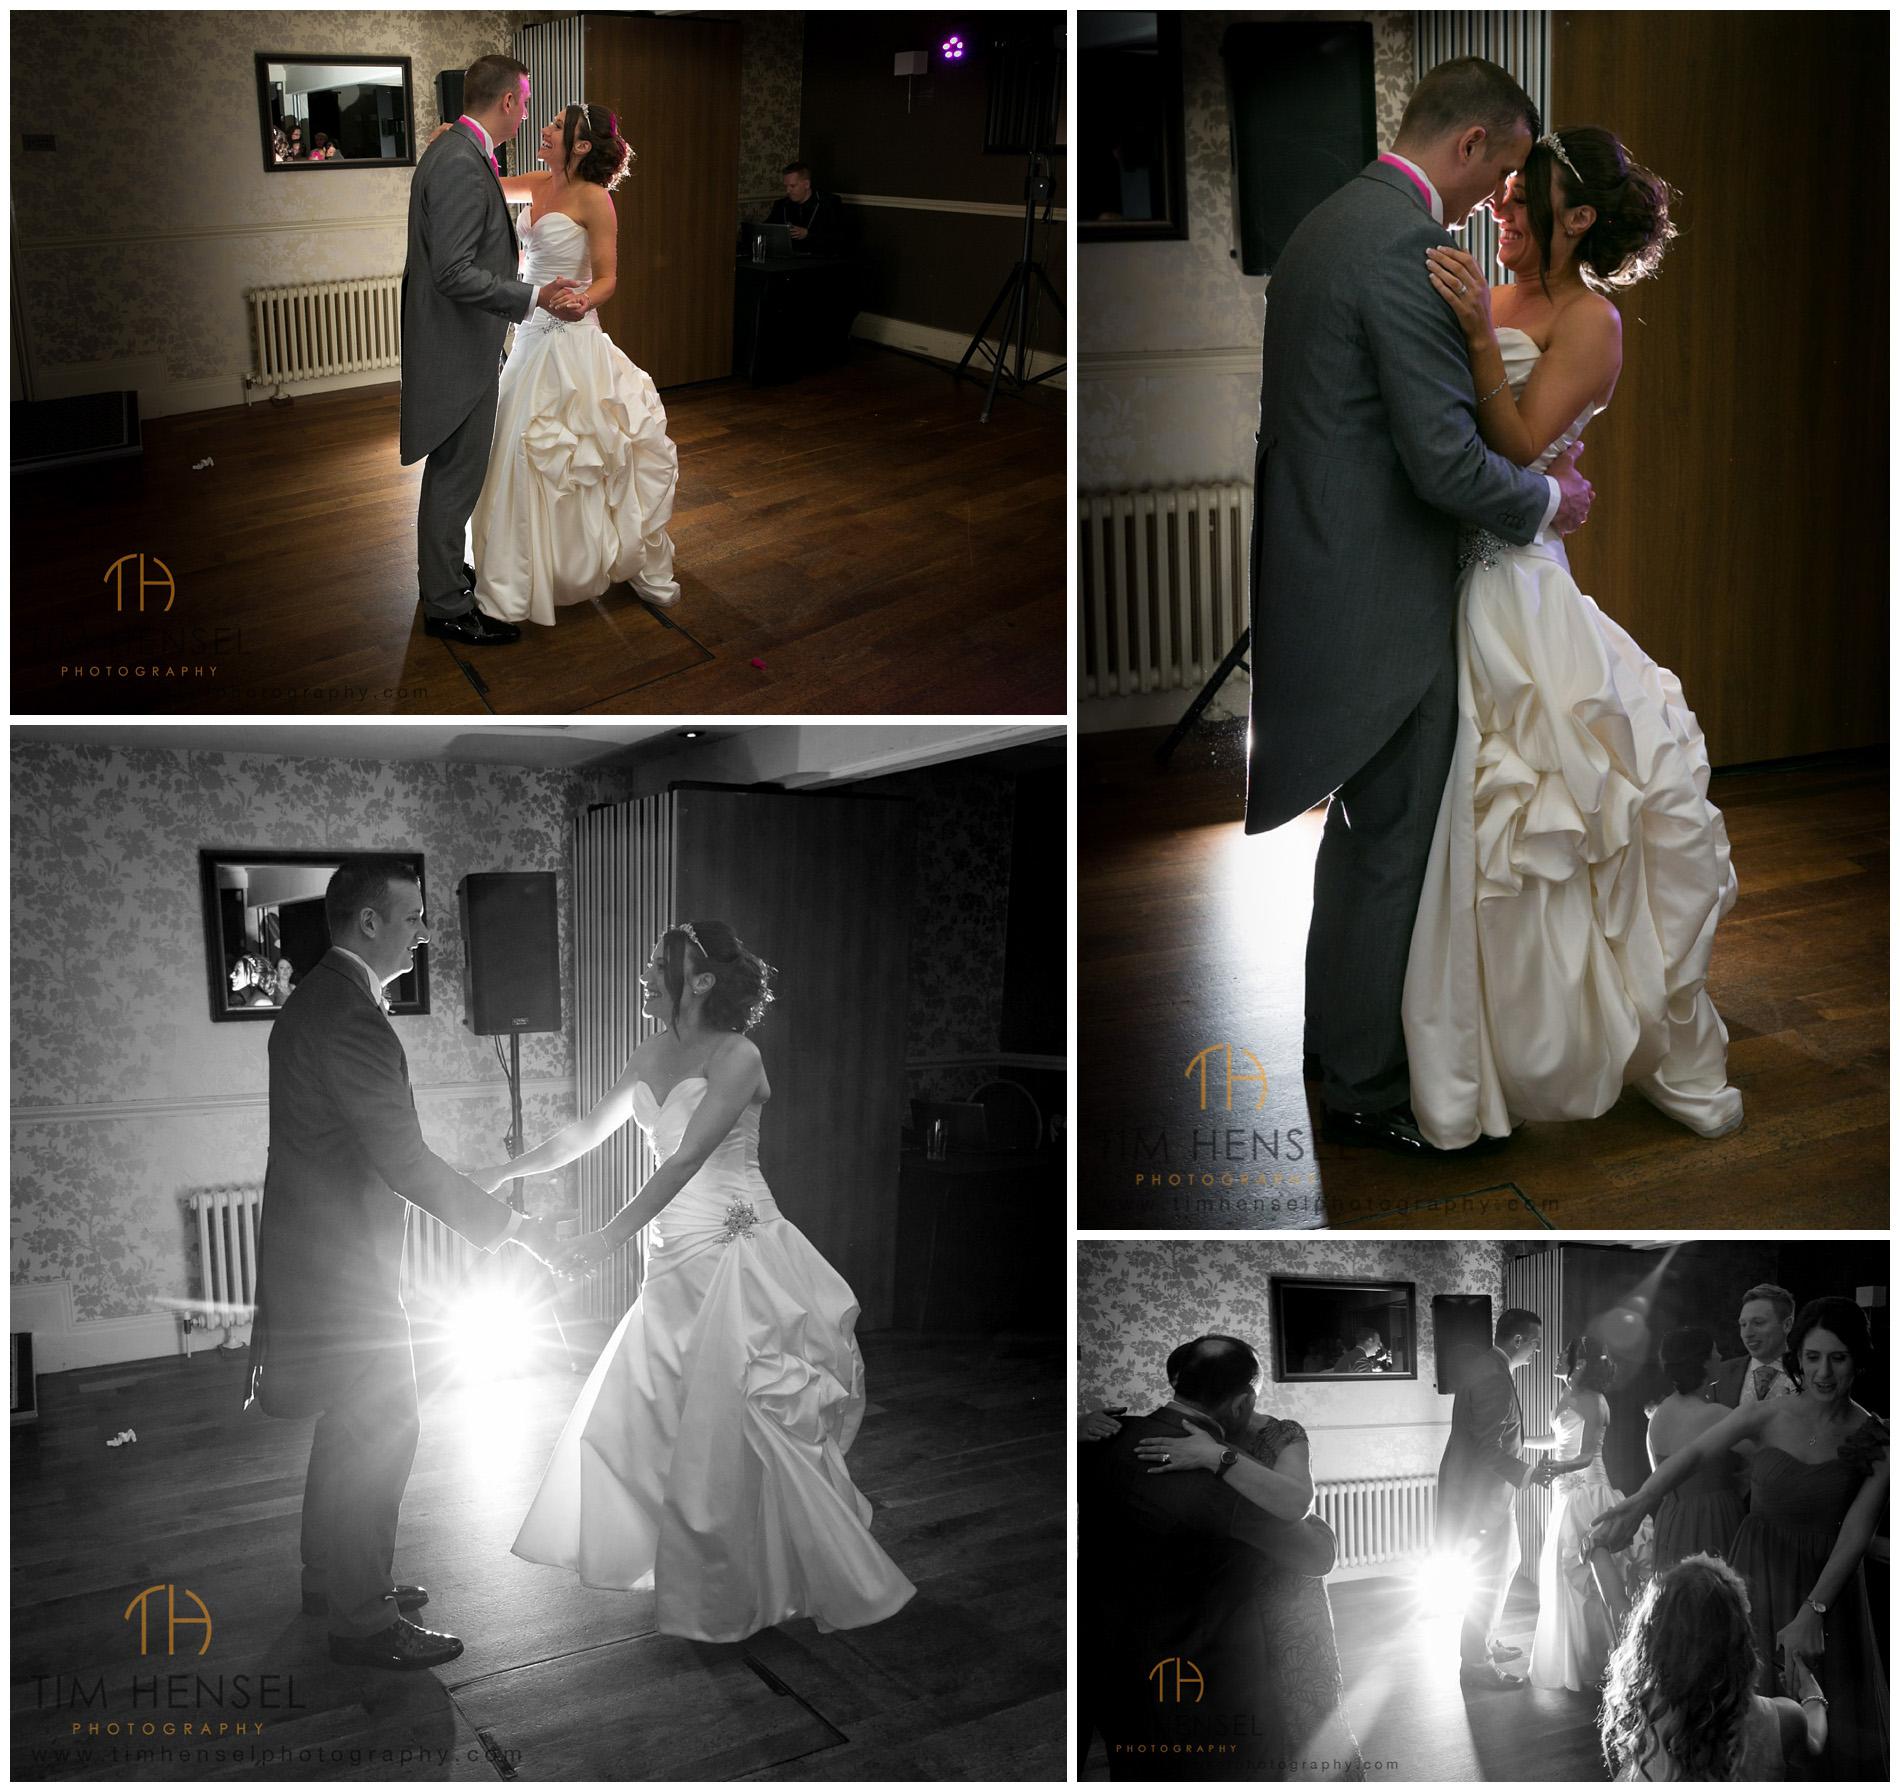 First dance wedding photos at Alderley Edge Hotel